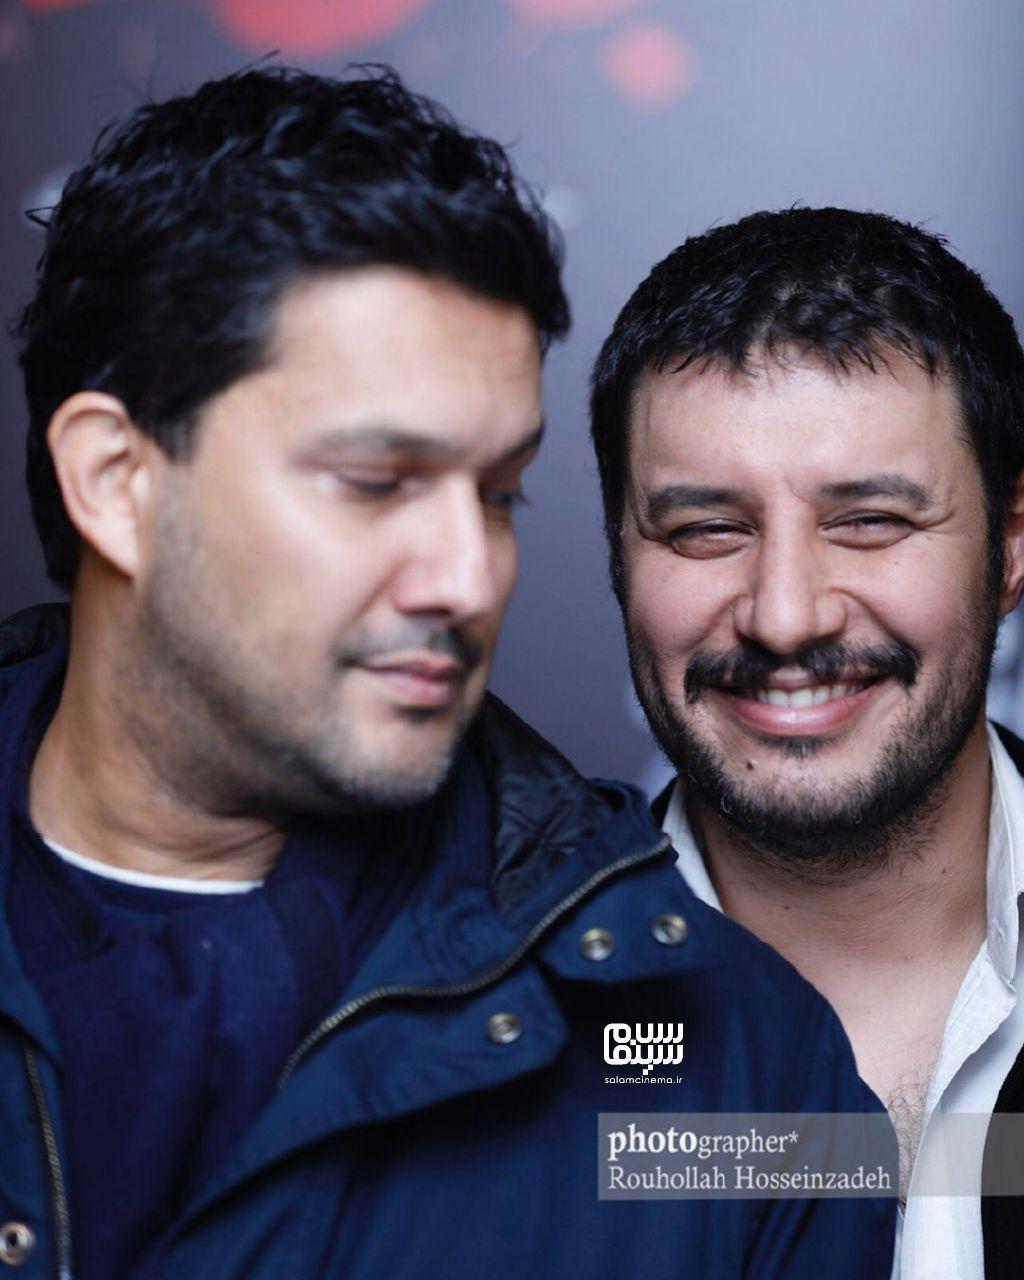 حامد بهداد - جواد عزتی -گزارش تصویری هفتگی